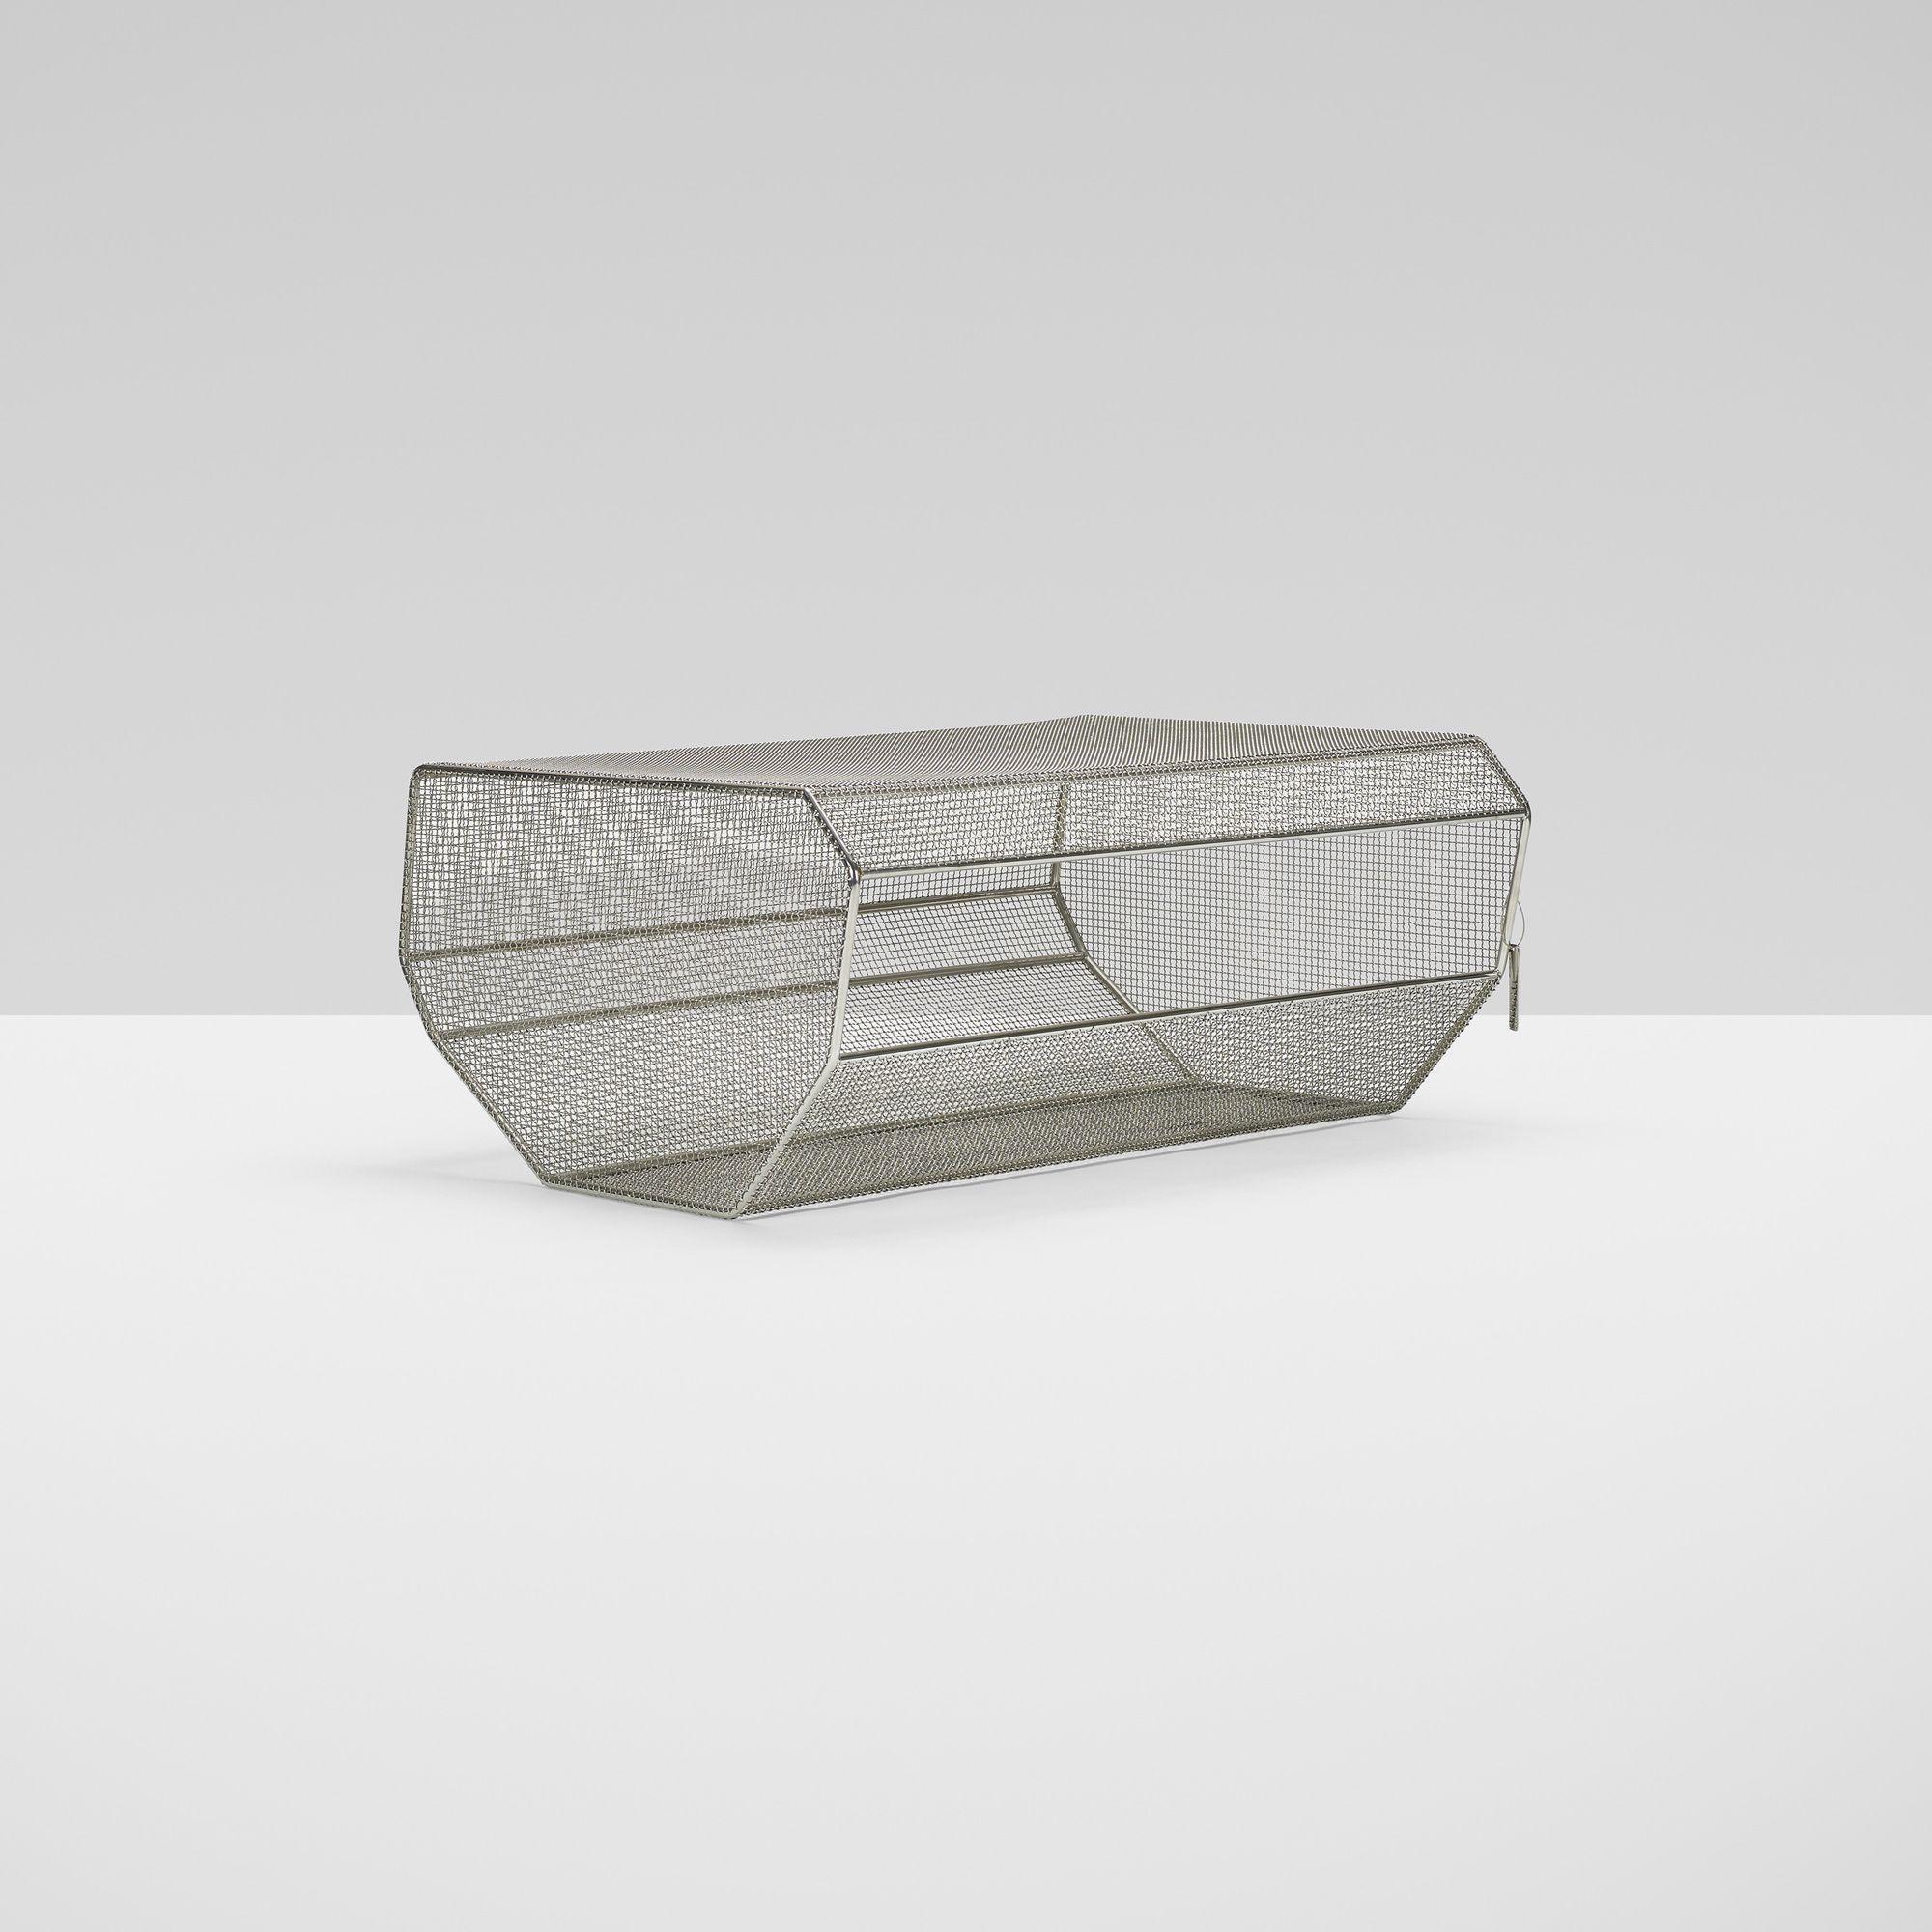 261 Arik Levy / Log Mesh Mesh, Design, Metal